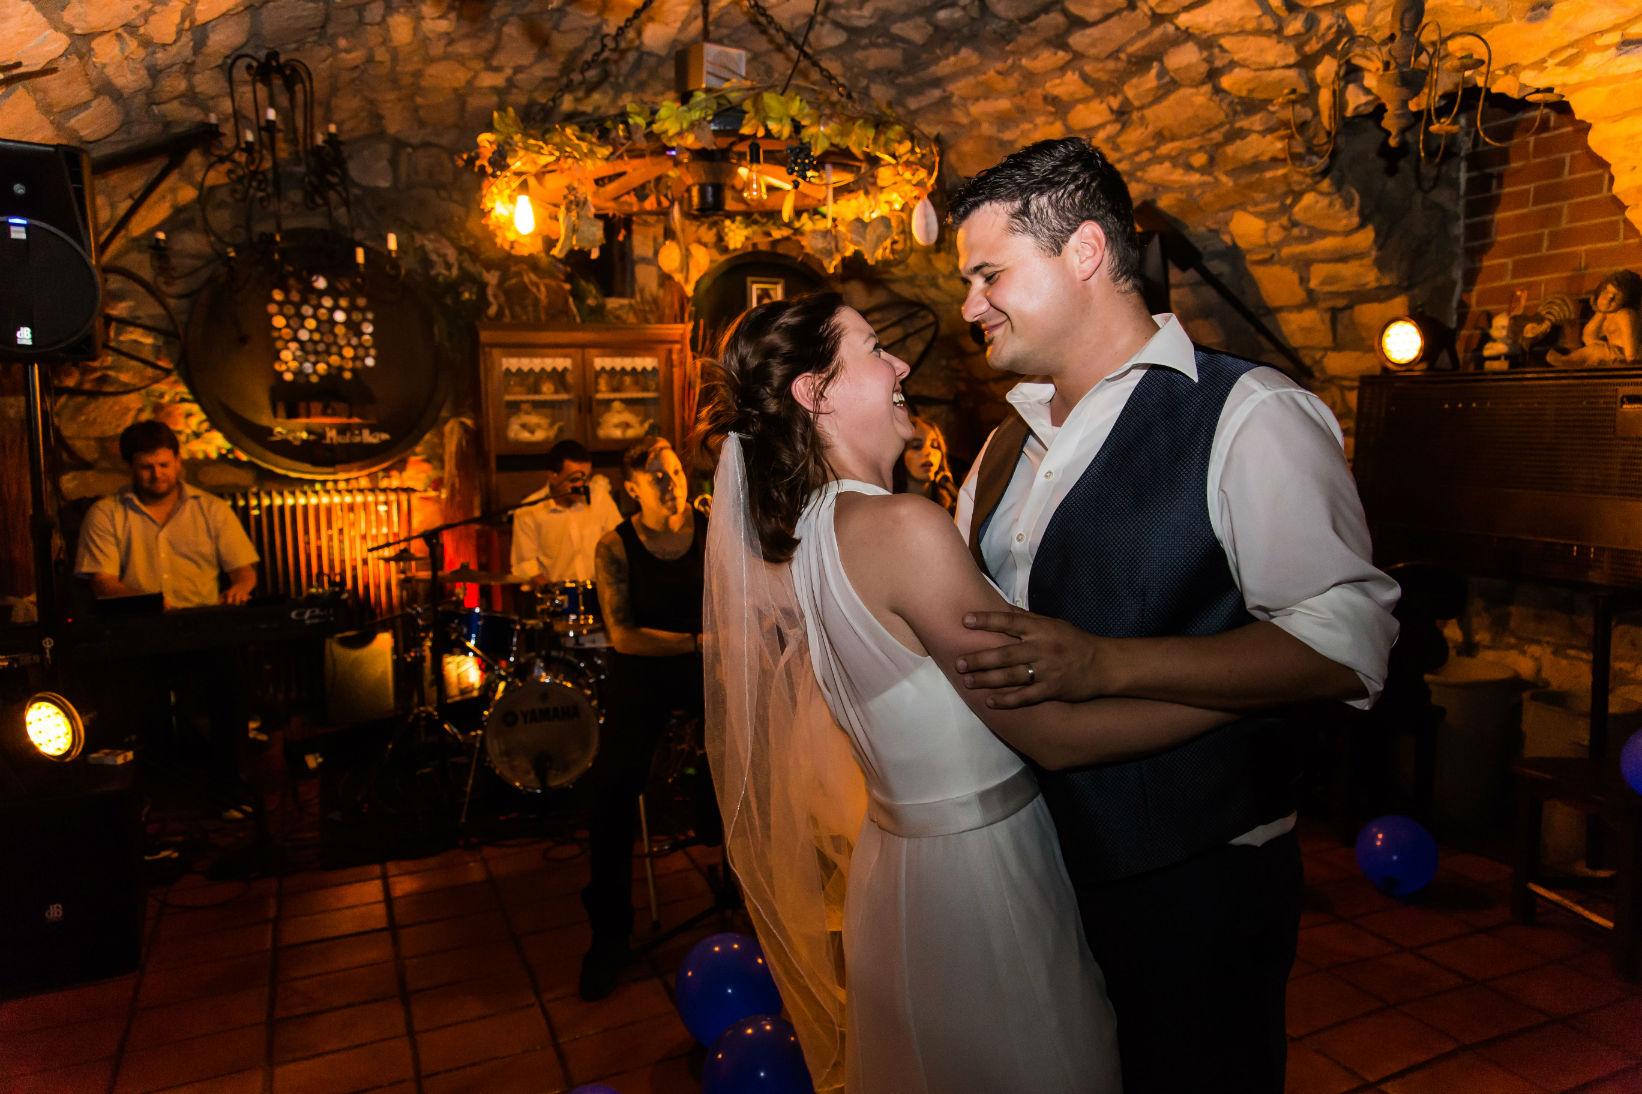 Heiraten in Ellerstadt Brautpaar beim Feier mit Live Band im Hintergrundrund